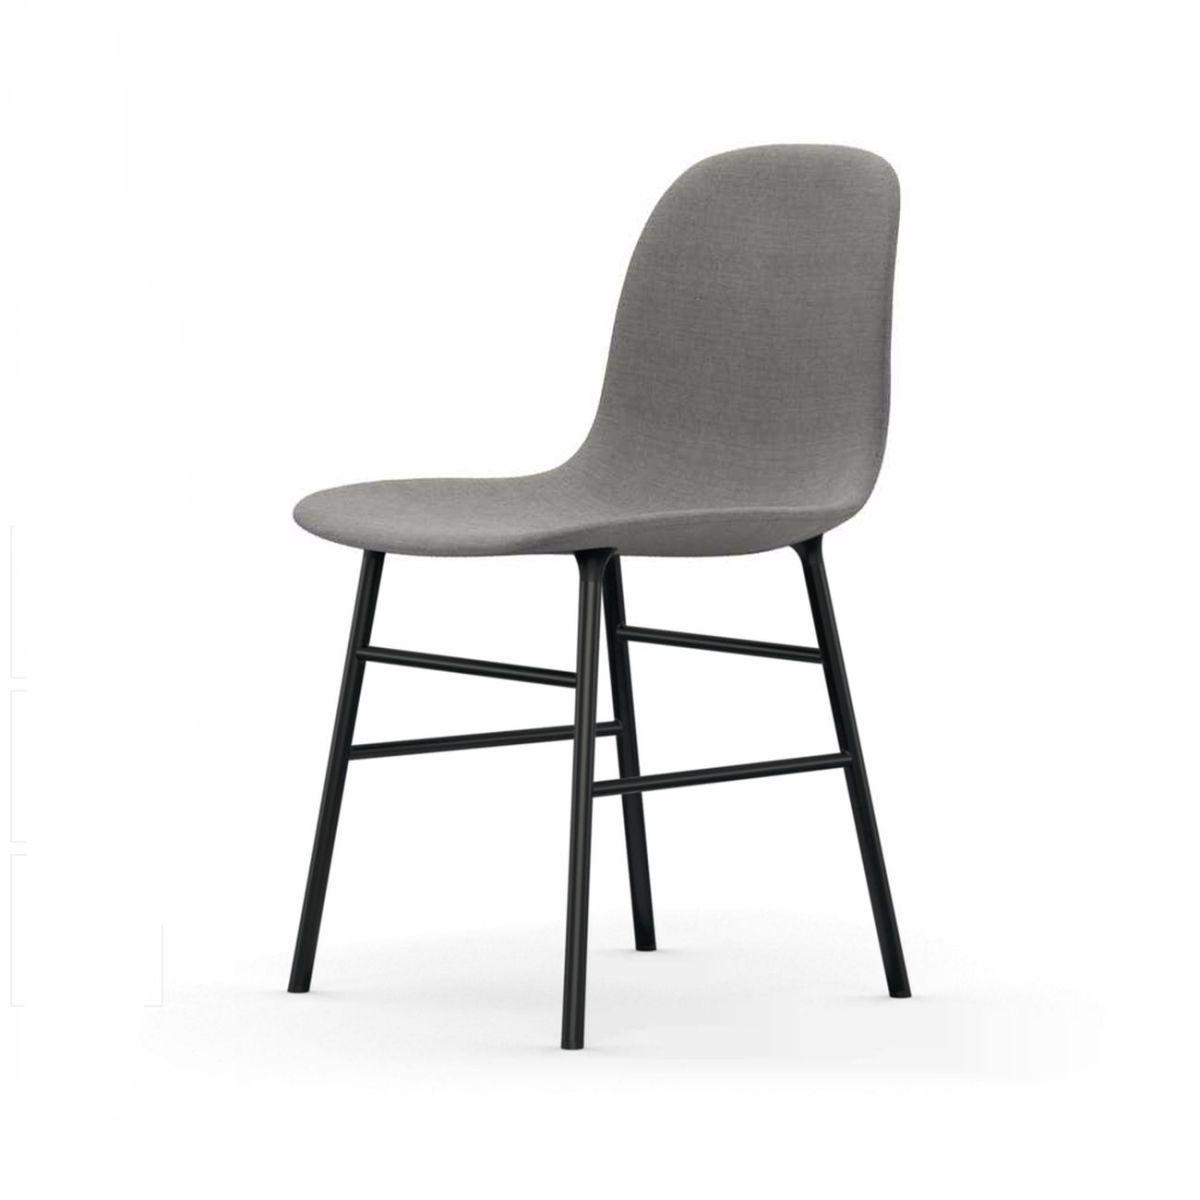 Normann Form Black Stuhl Textil-gepolstert remix Jetzt bestellen ...